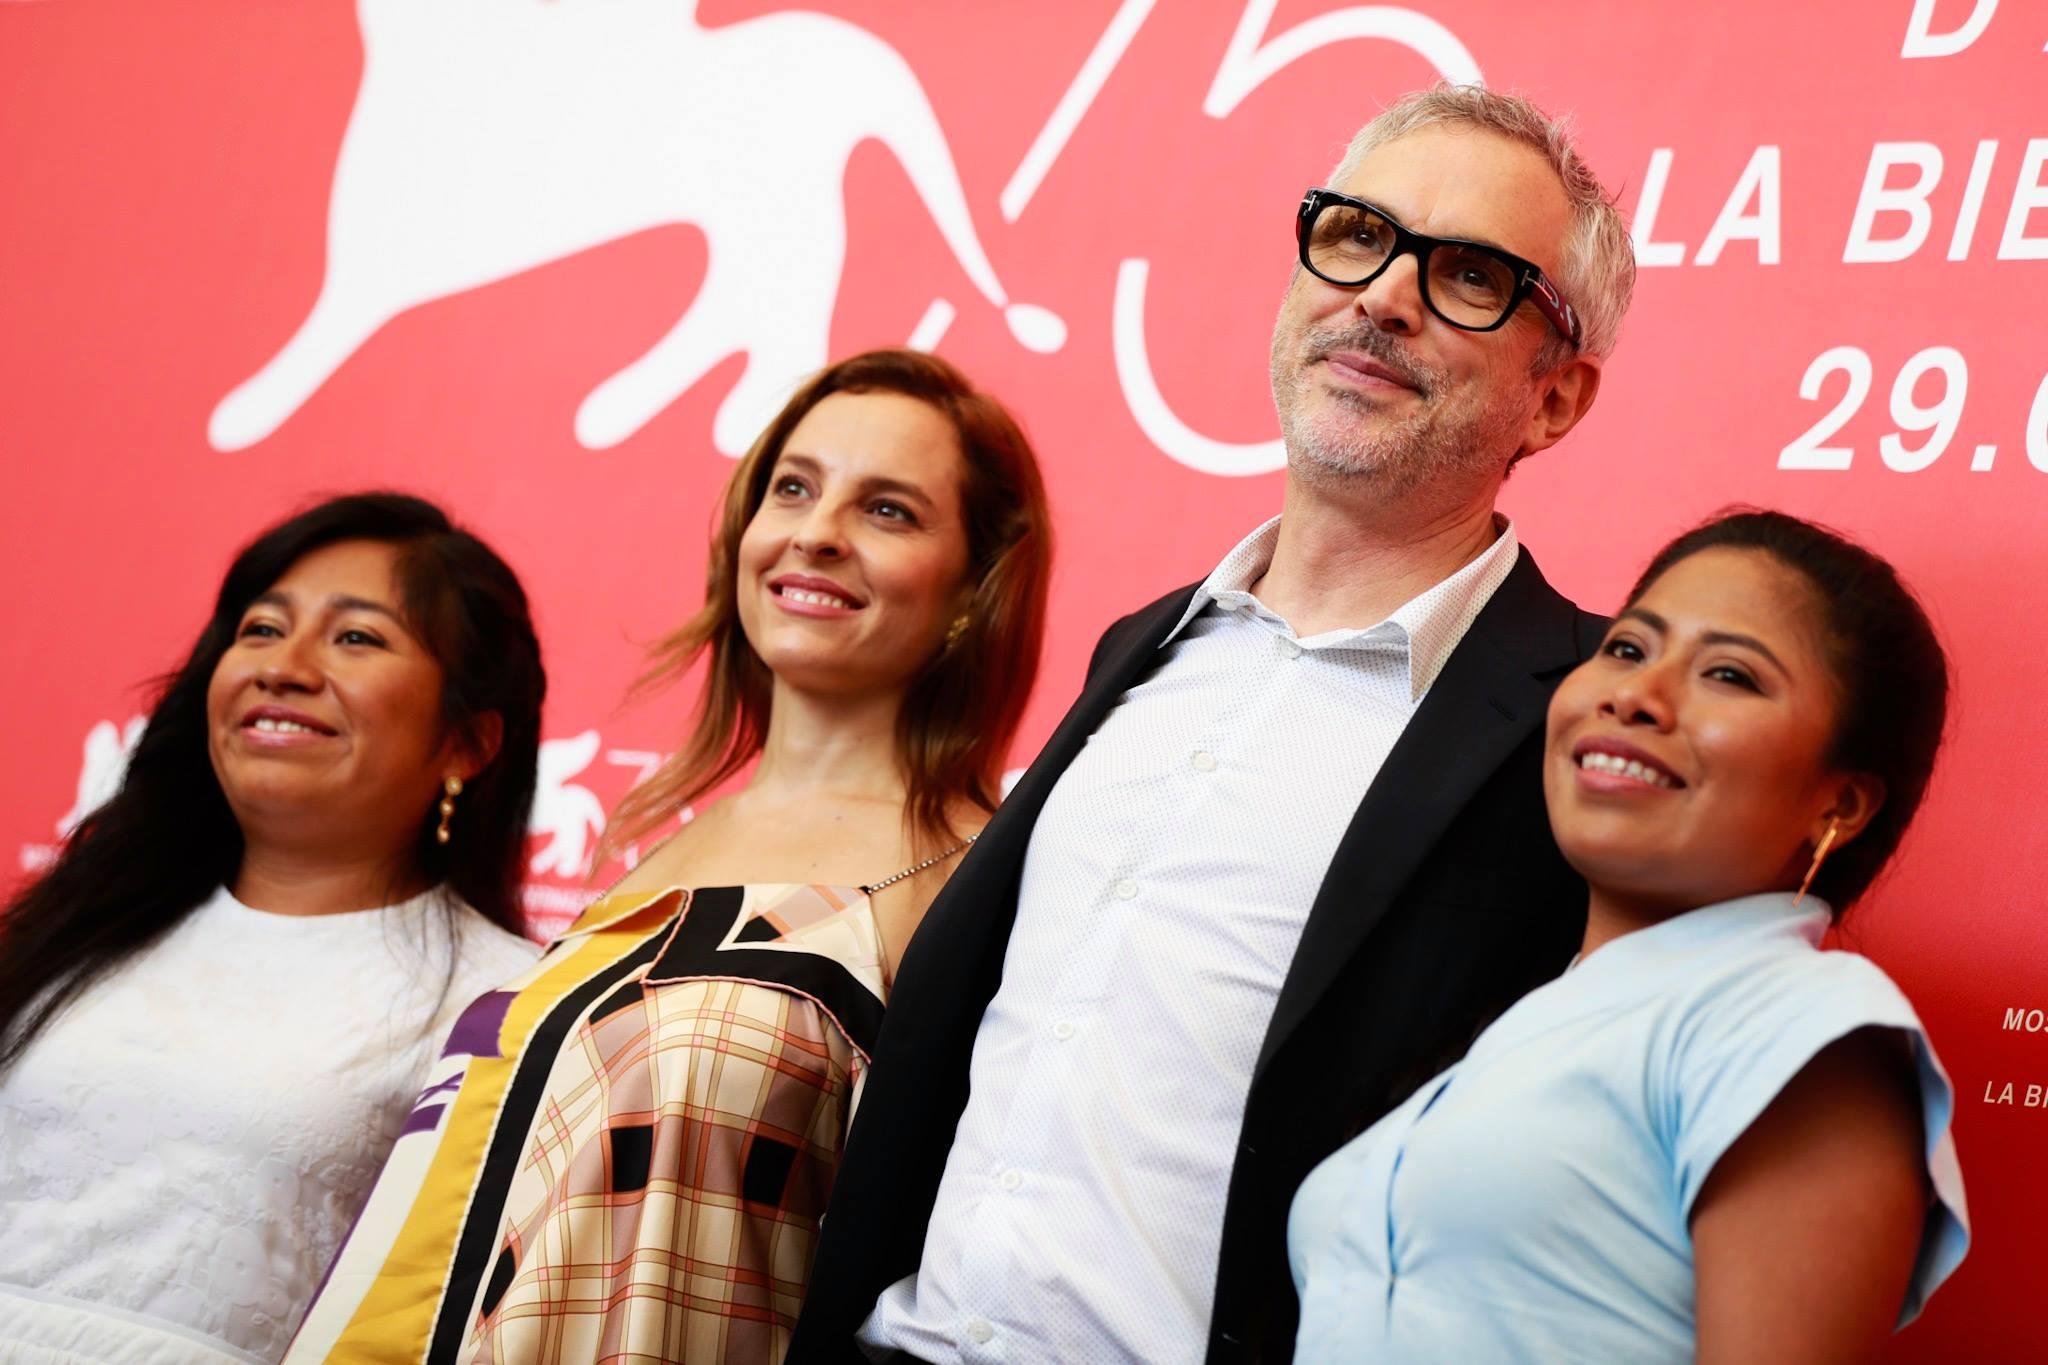 El Festival de Cine de Venecia celebra la edición más mexicana de su historia